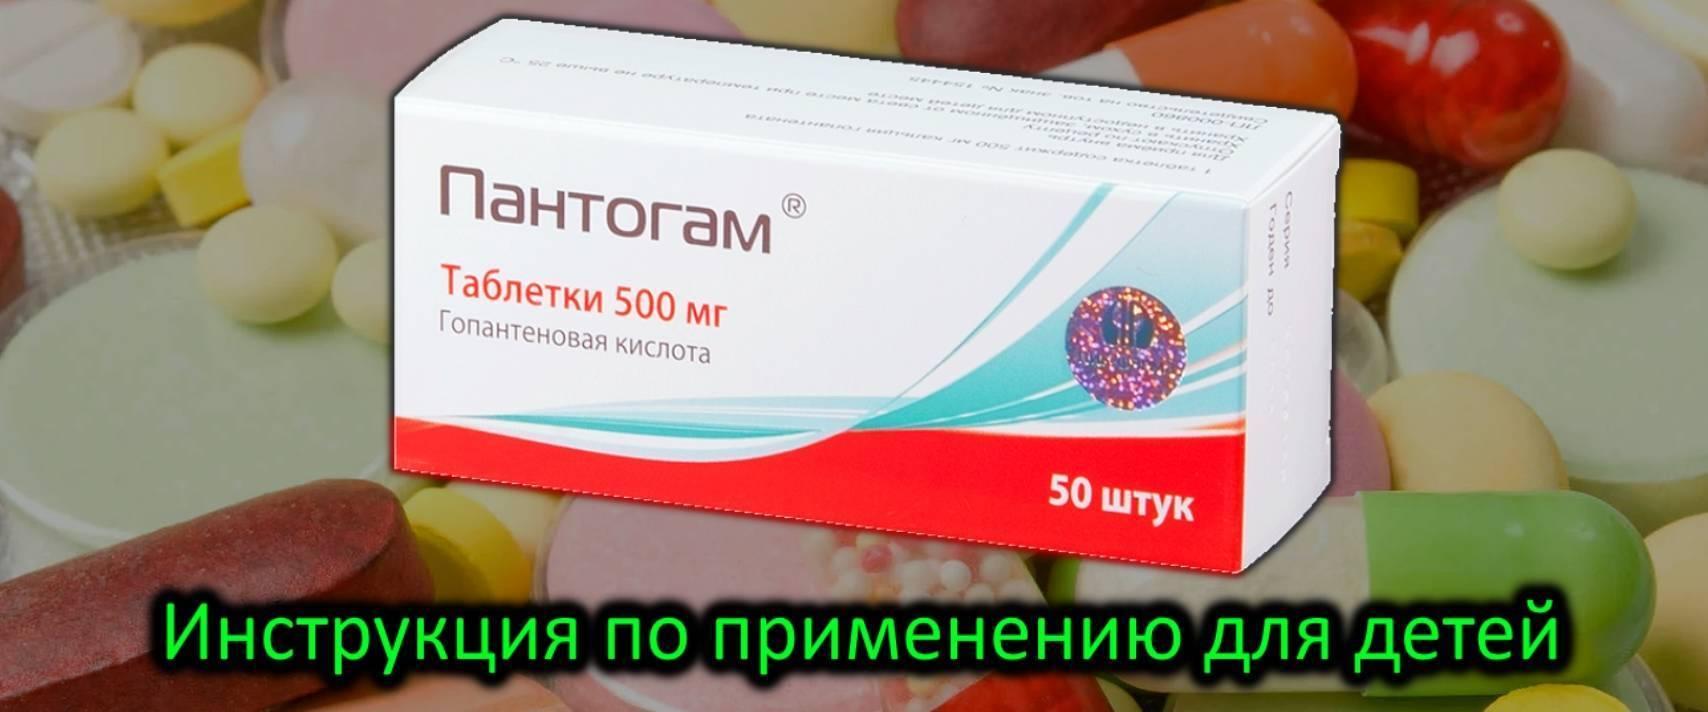 Пантогам таблетки для детей: инструкция по применению, для чего назначают, цена, отзывы, аналоги